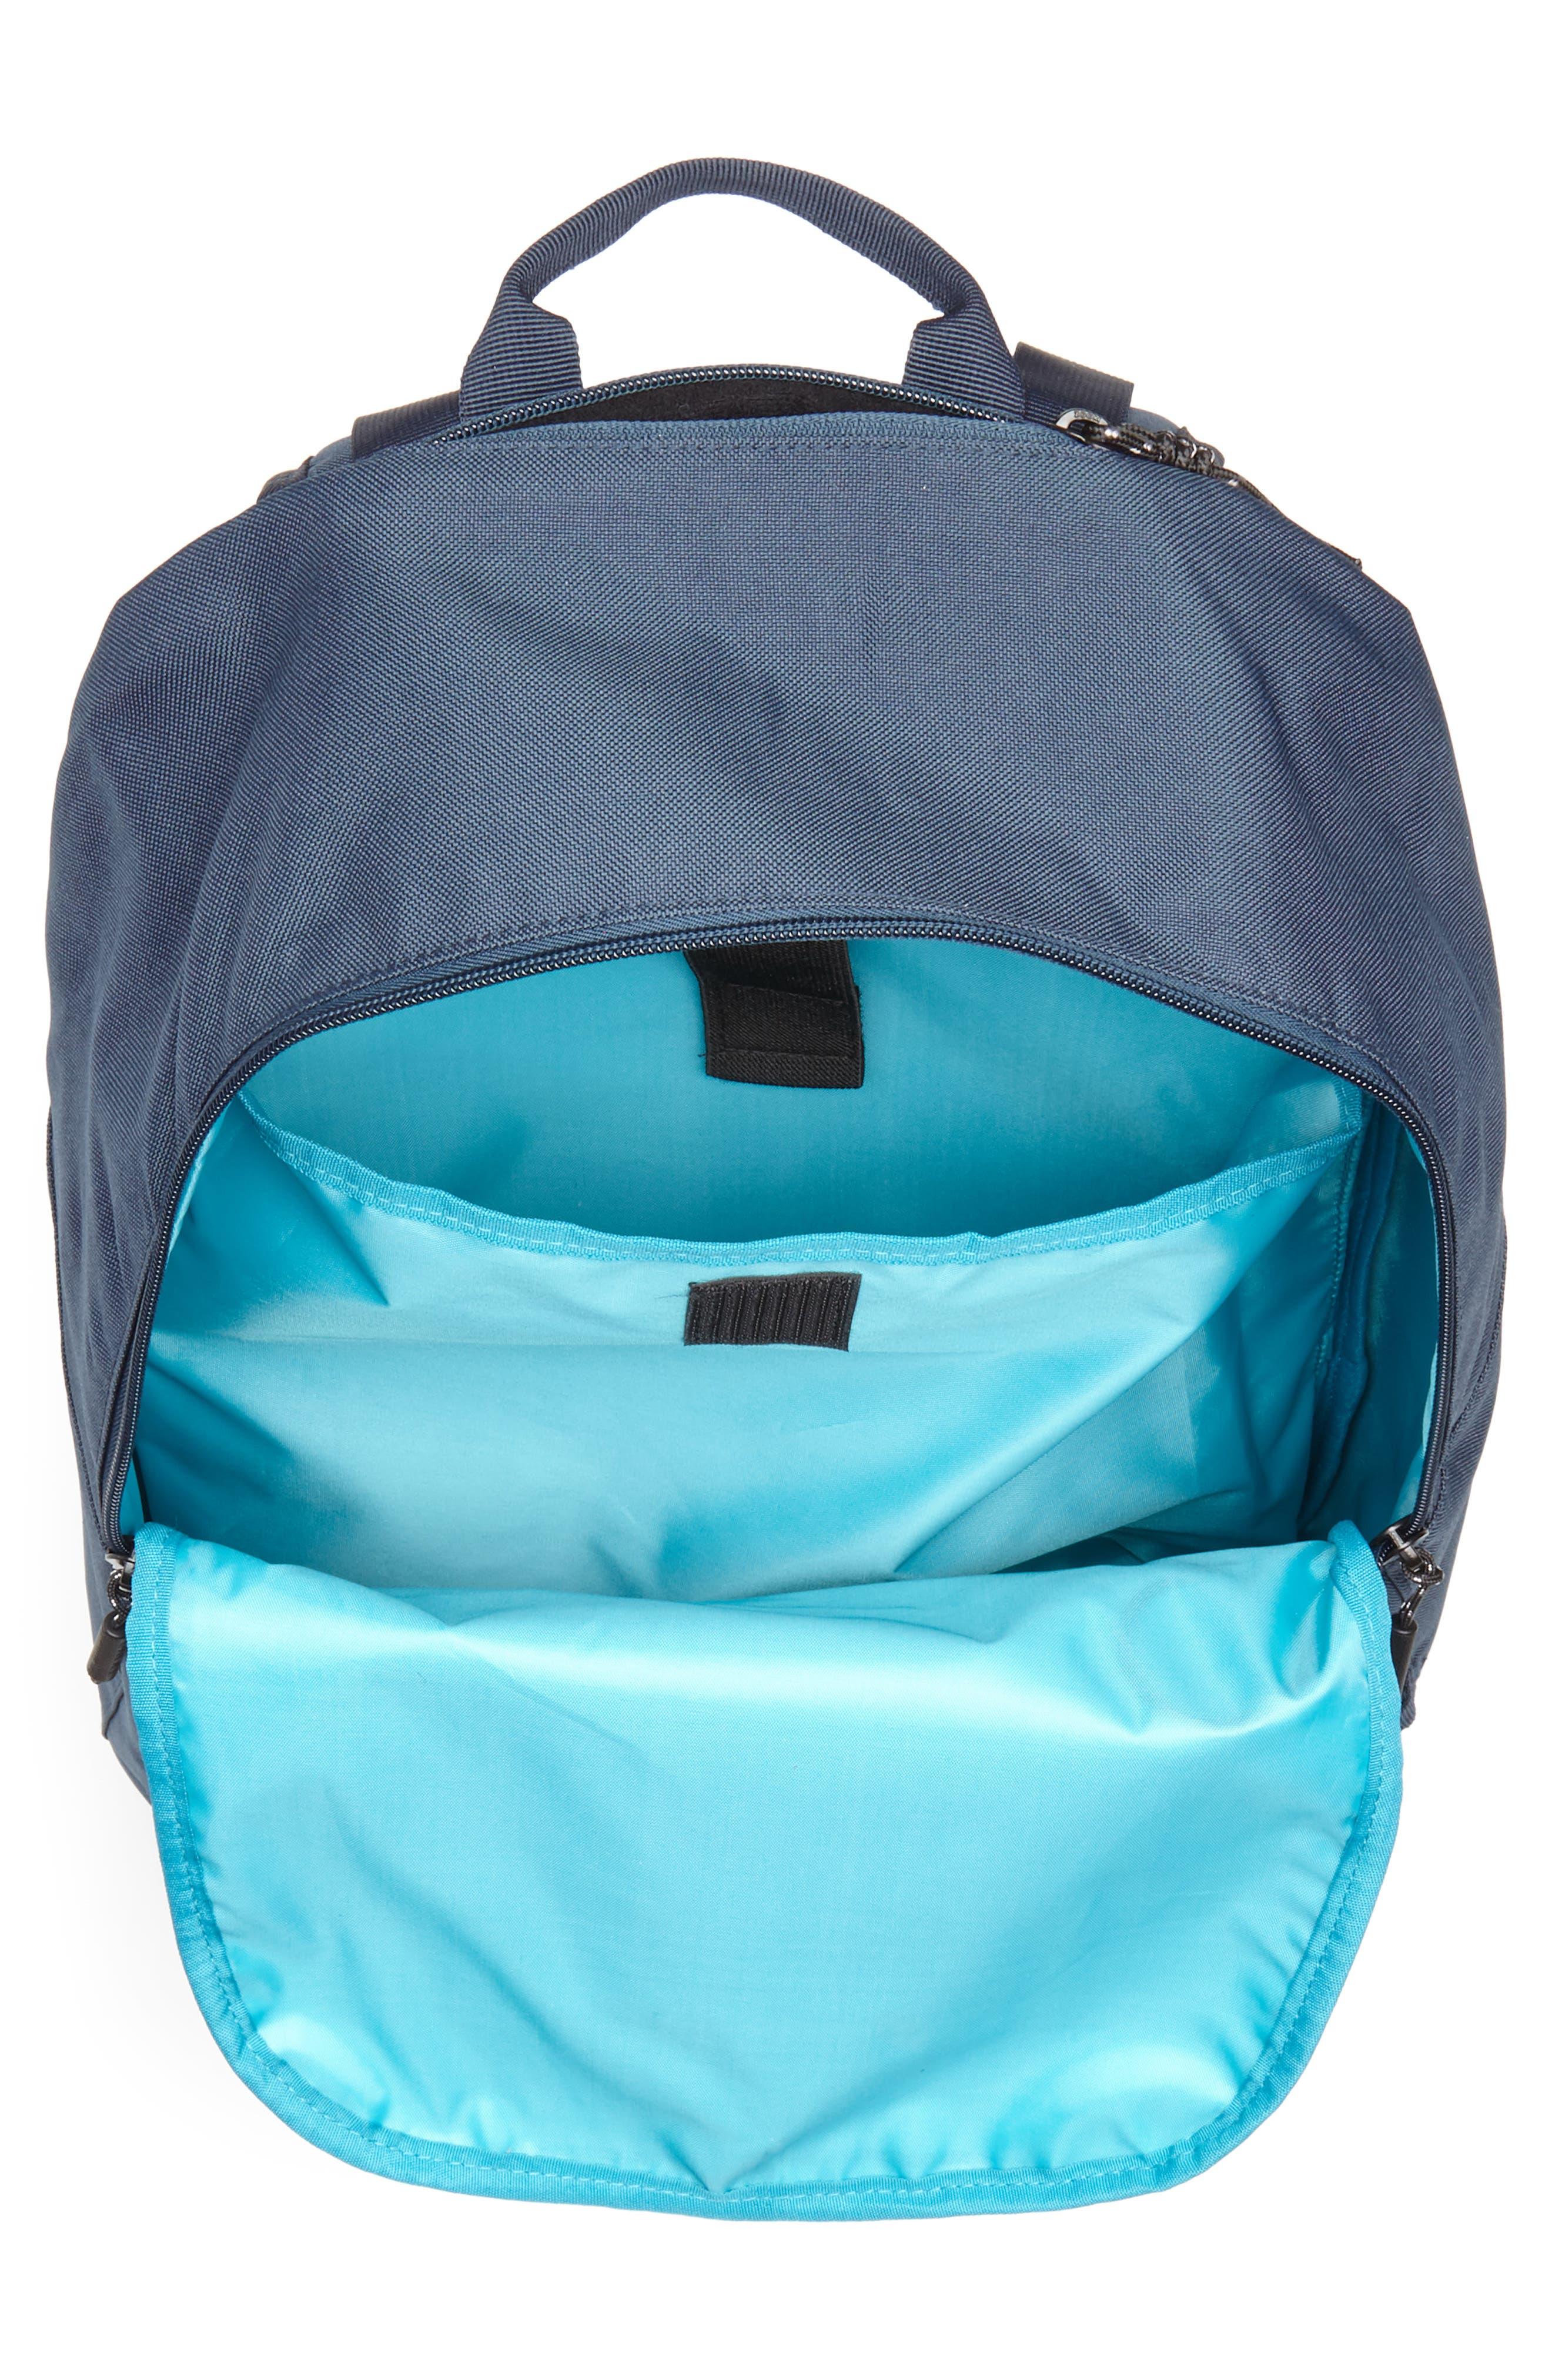 Transfer Backpack,                             Alternate thumbnail 4, color,                             NAVY